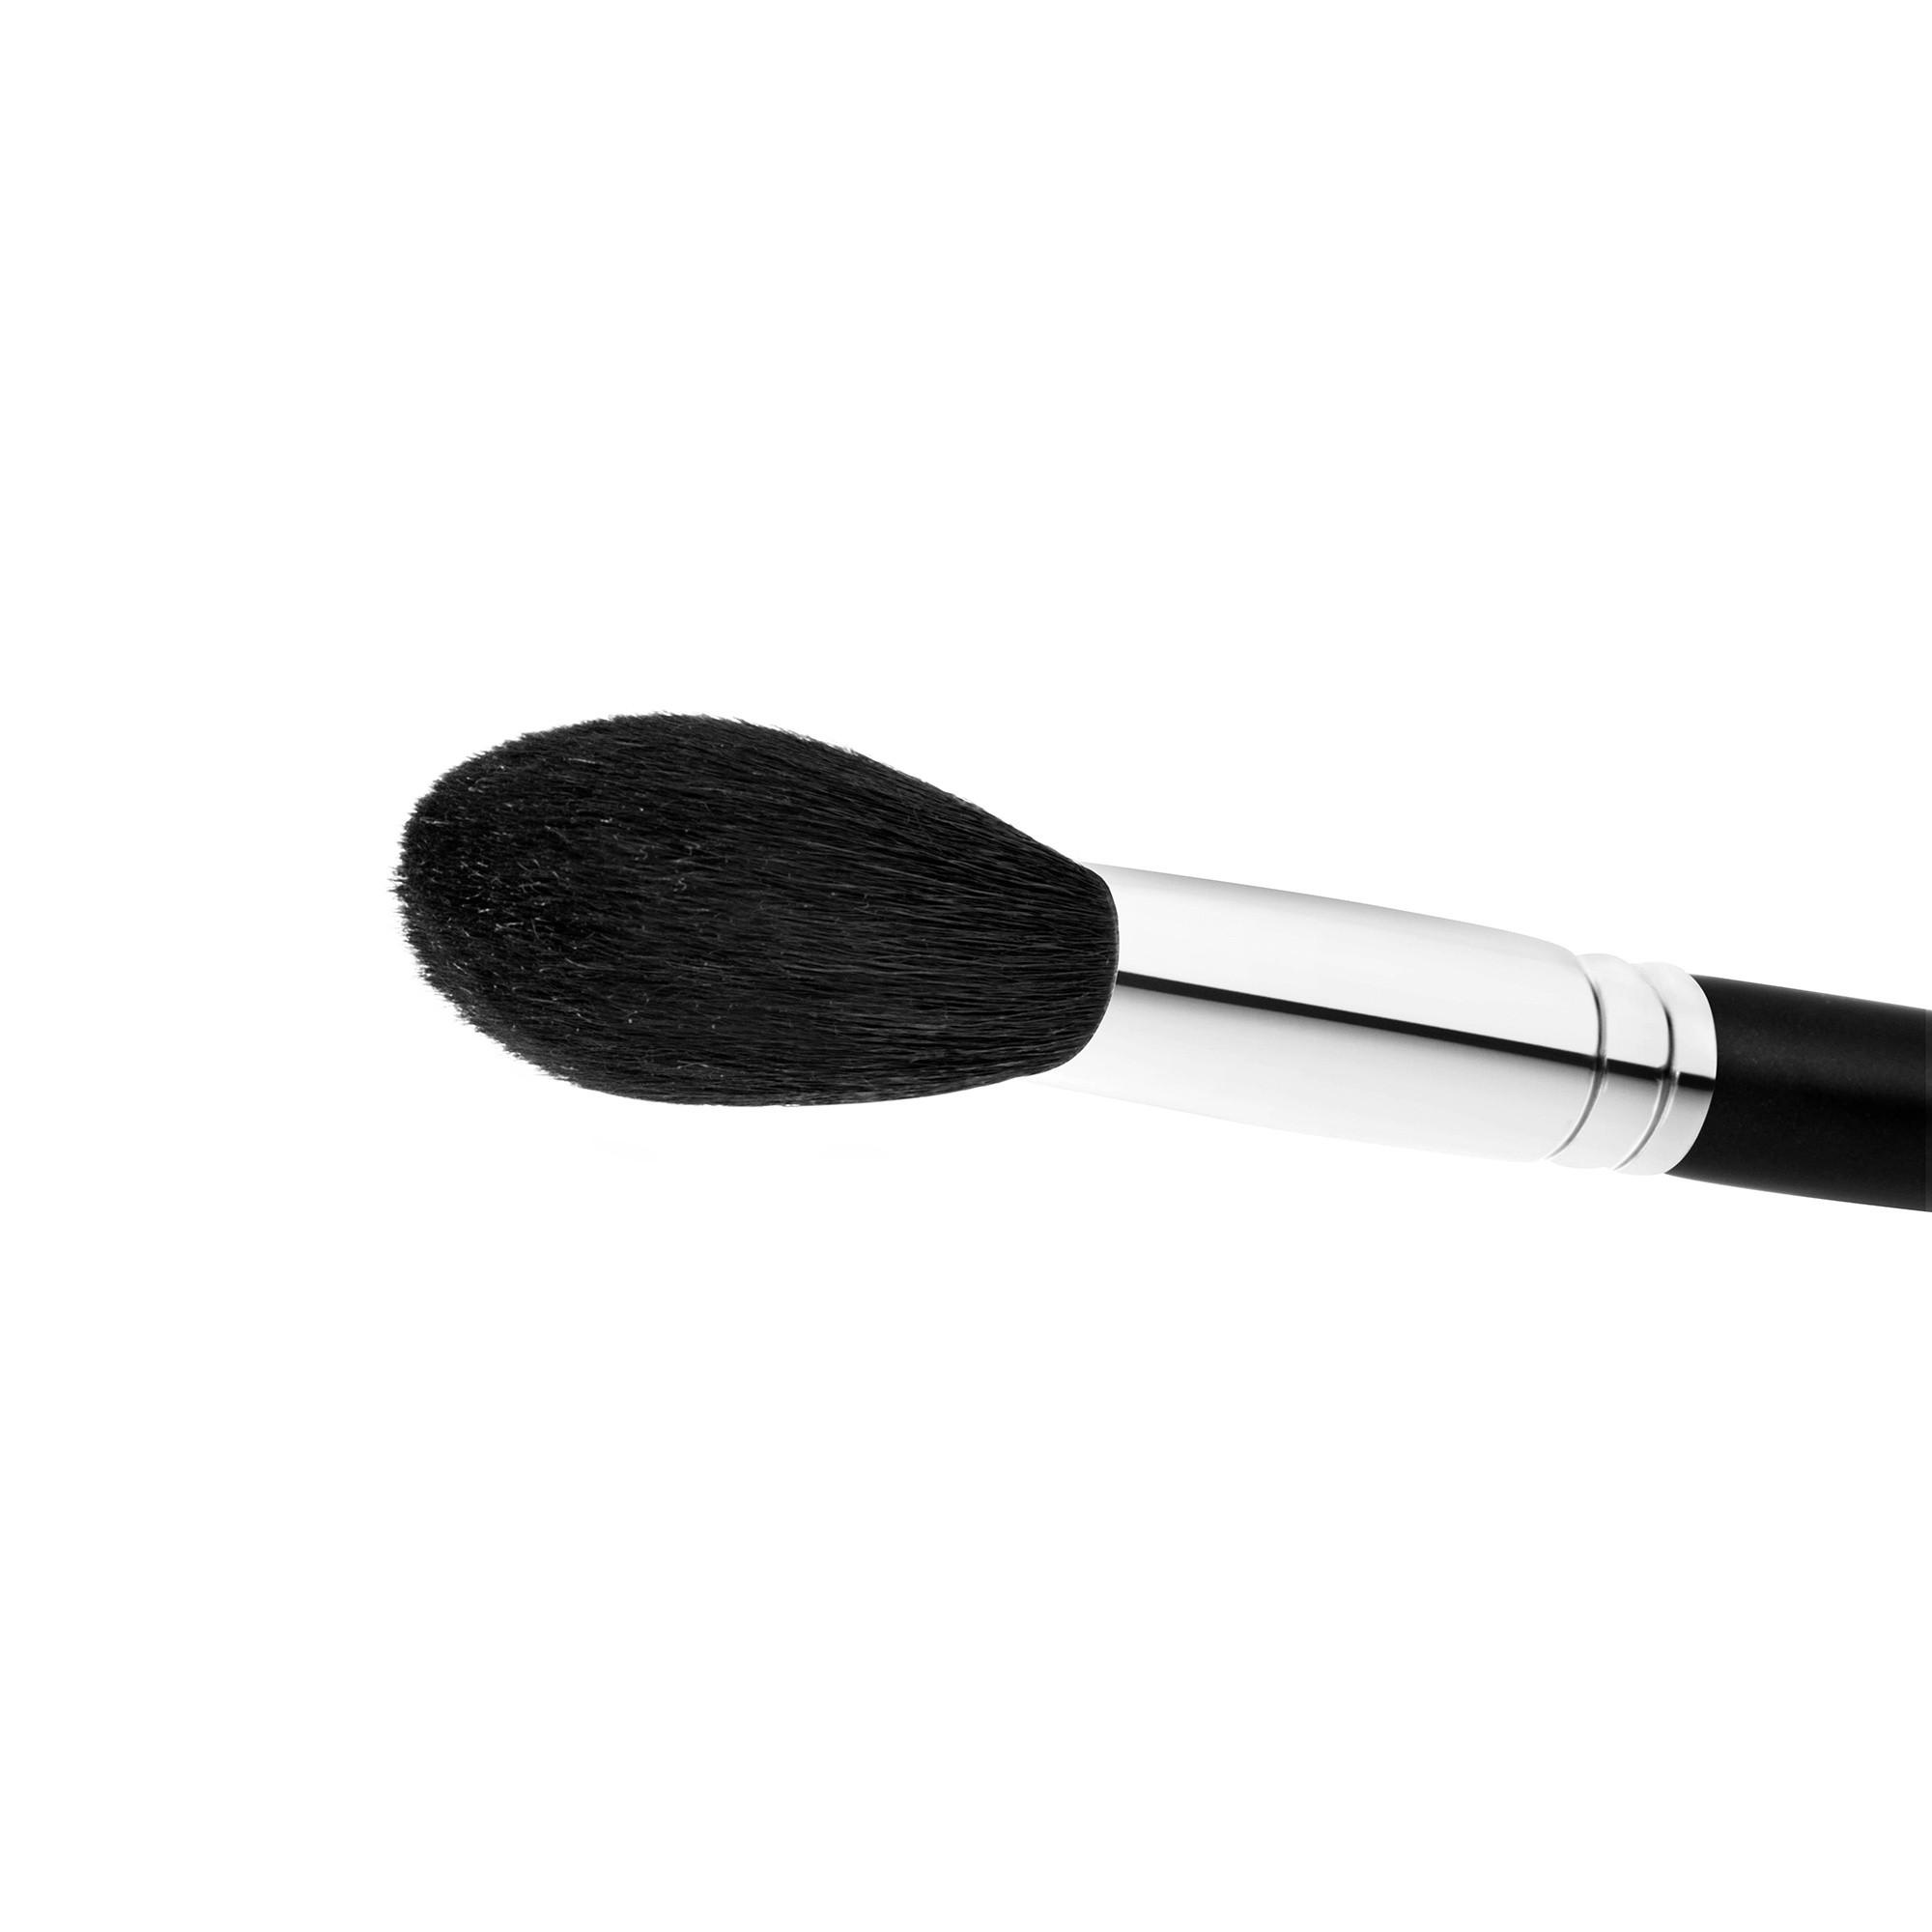 Brush - 150S Large Powder, Nero, large image number 1